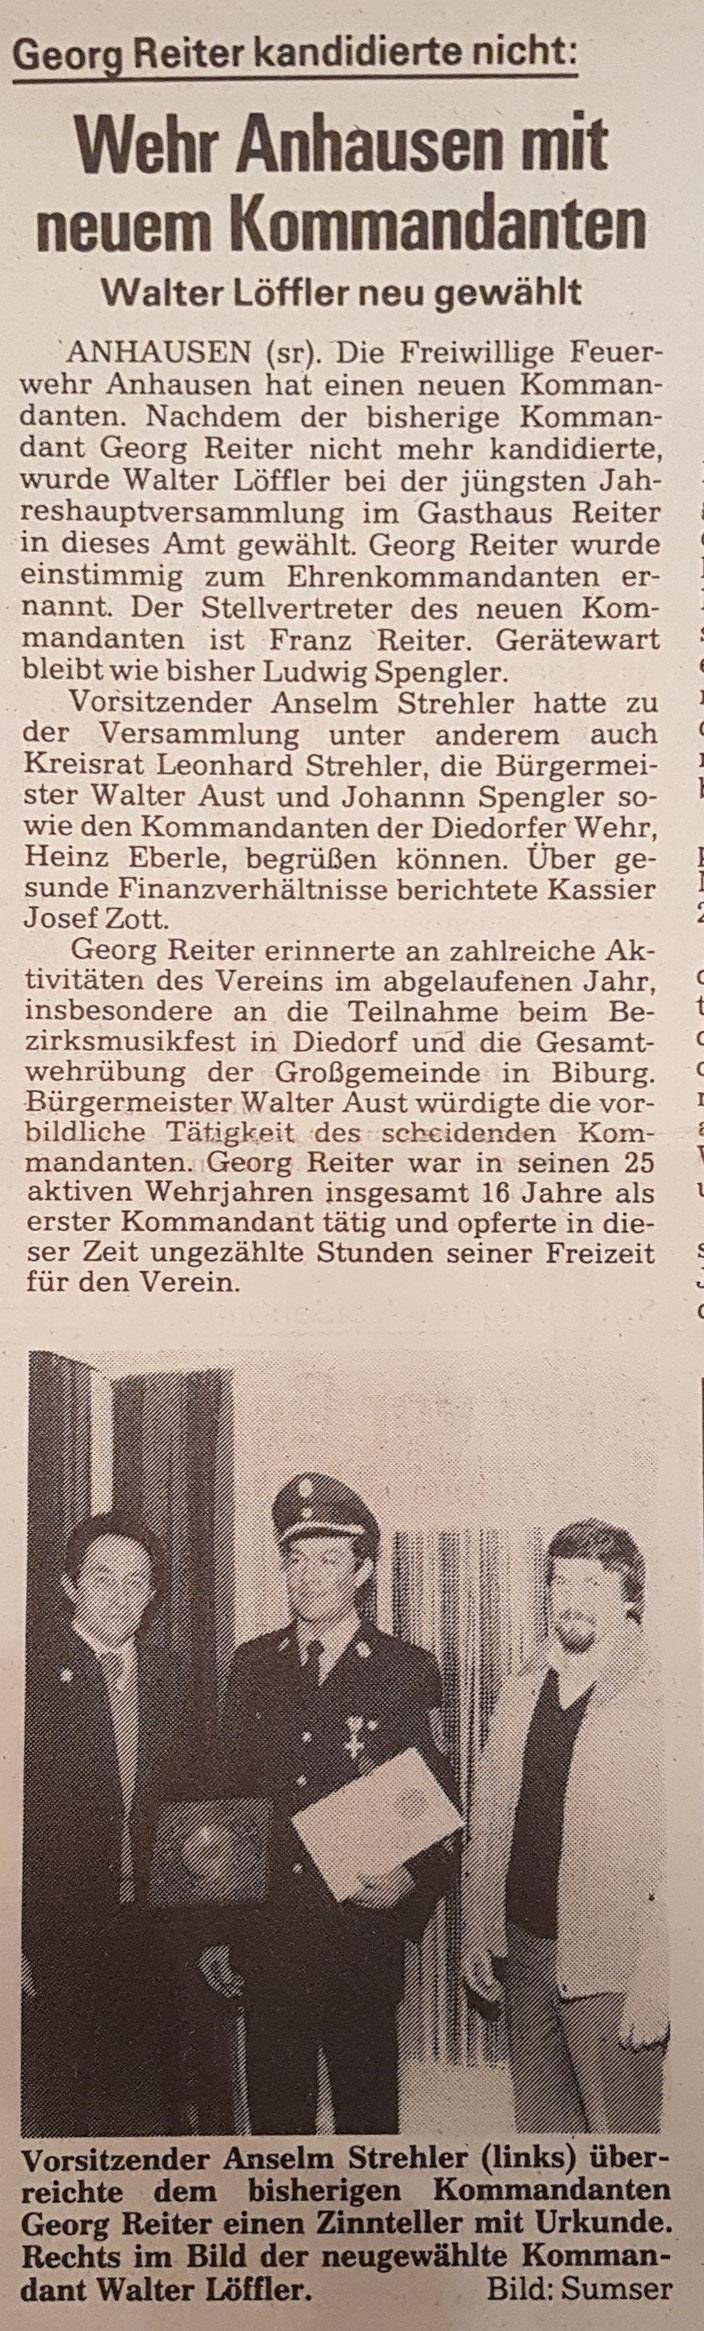 Augsburger Landbote, 18. Januar 1986